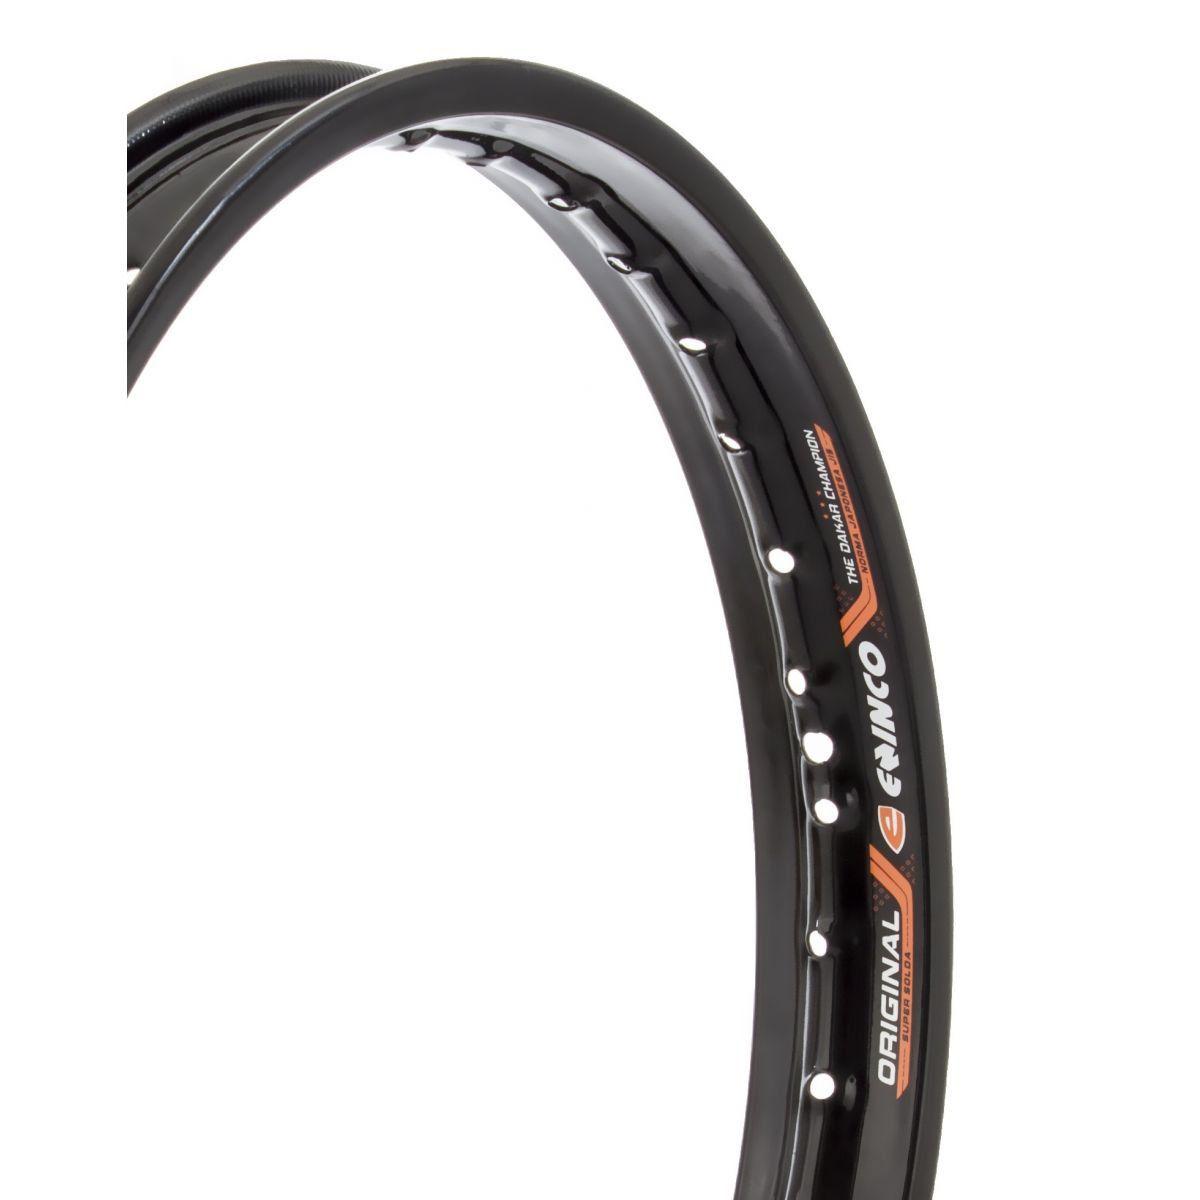 Aro de Moto Dianteiro Honda CG / ML 83 à Titan 150 - 1.60 X 18 - Preto - Eninco